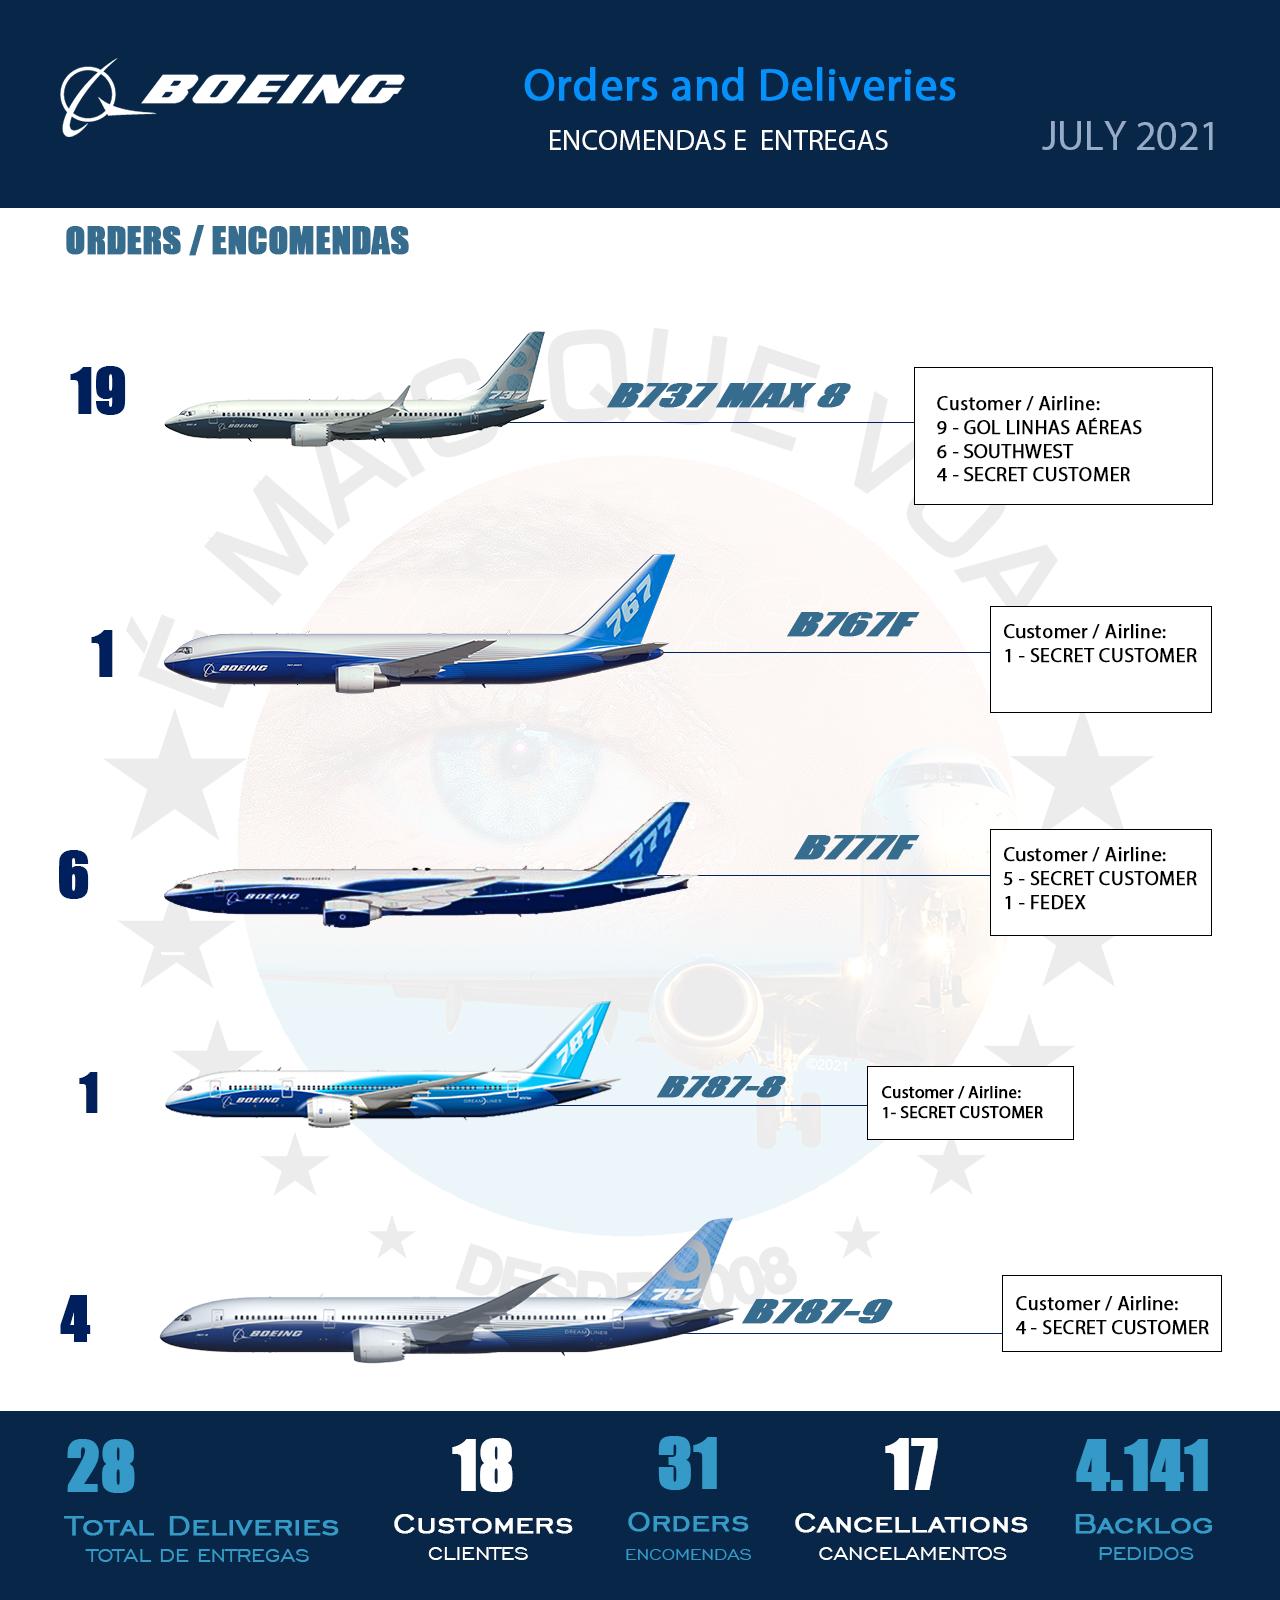 INFOGRÁFICO • Encomendas e Entregas Aeronaves Comerciais da Boeing – Julho 2021